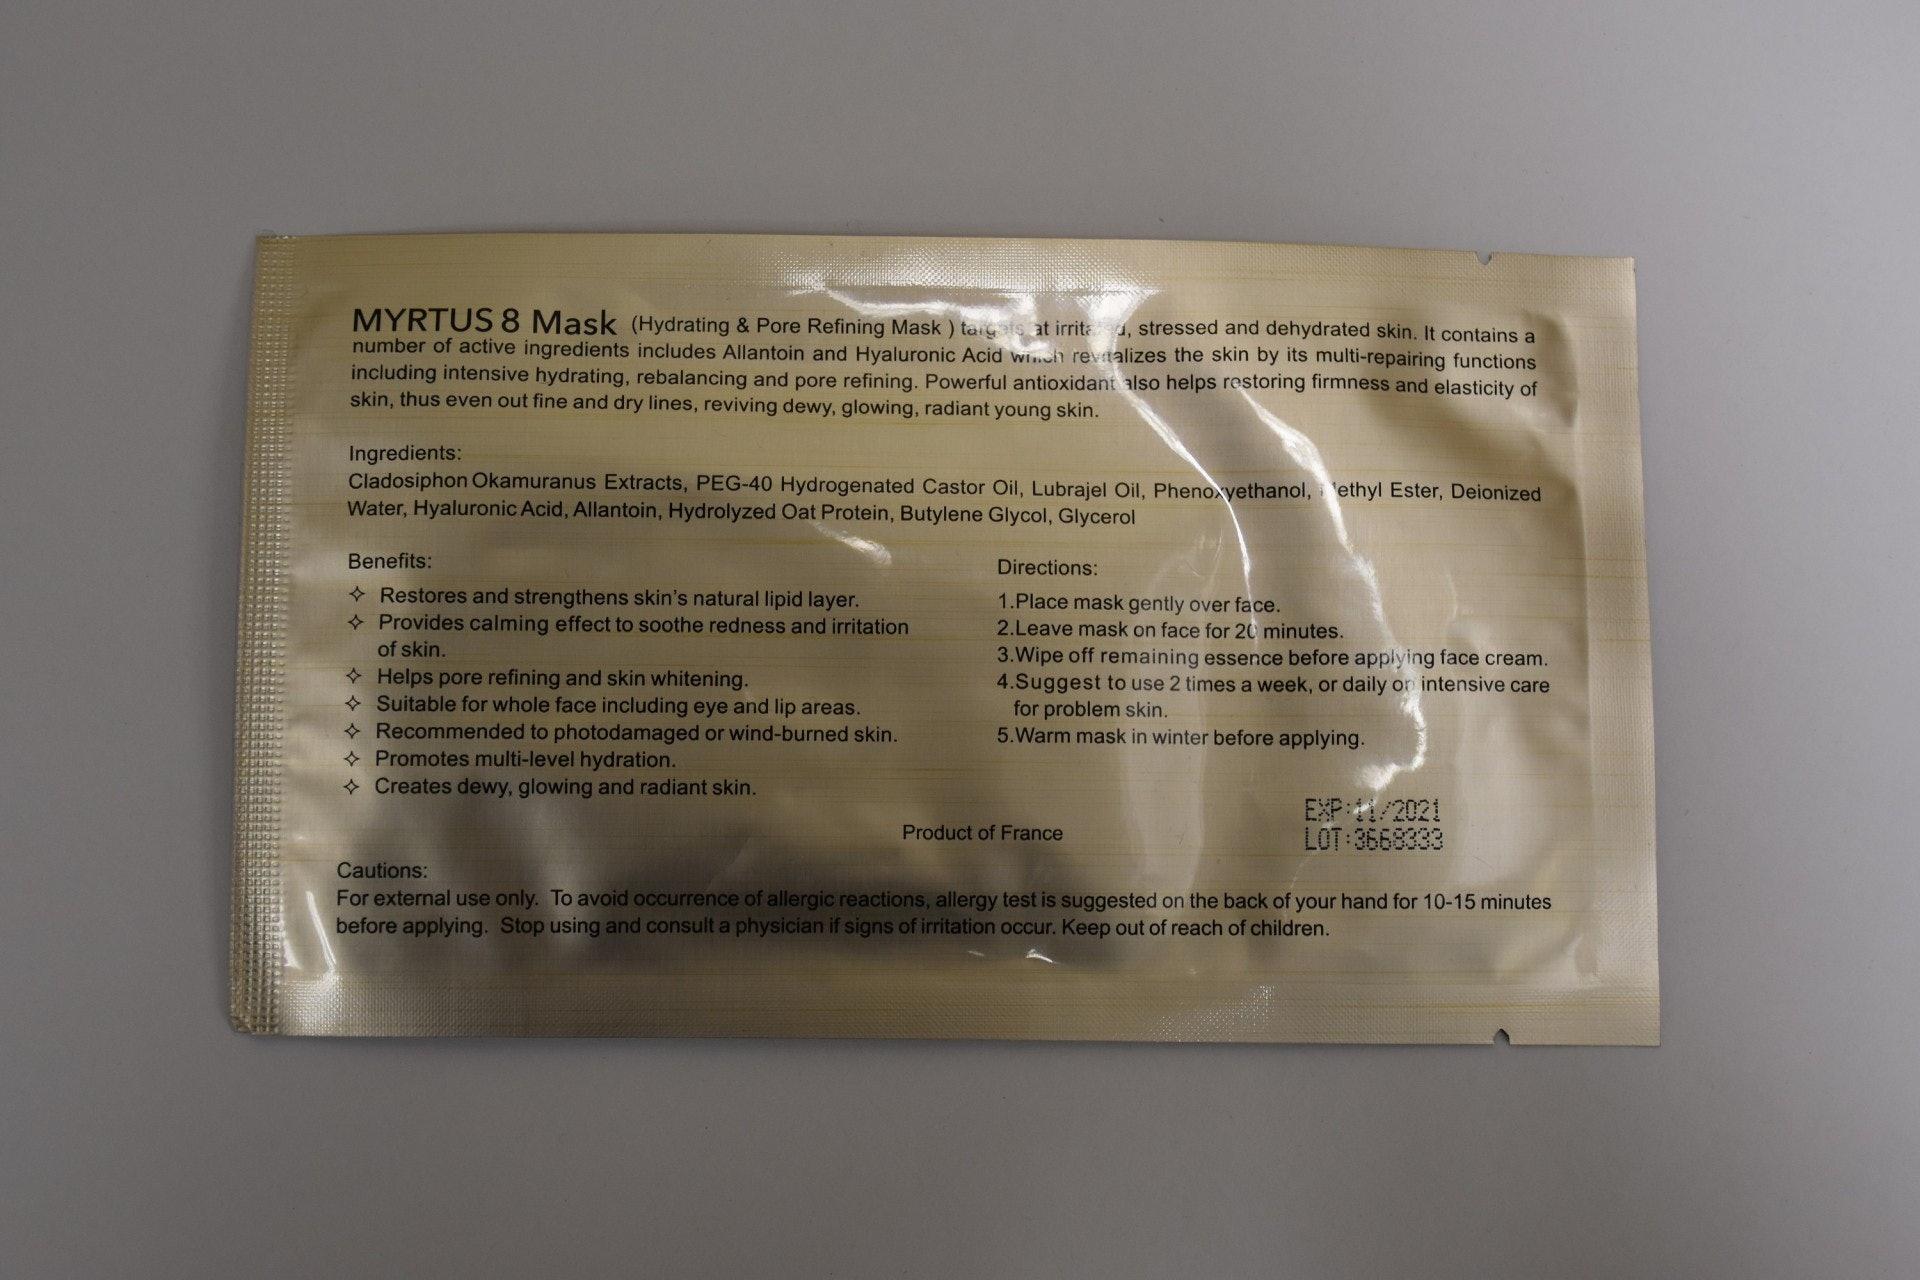 面膜「MYRTUS 8 MASK」含有類固醇物質「氟輕鬆」。(衞生署圖片)